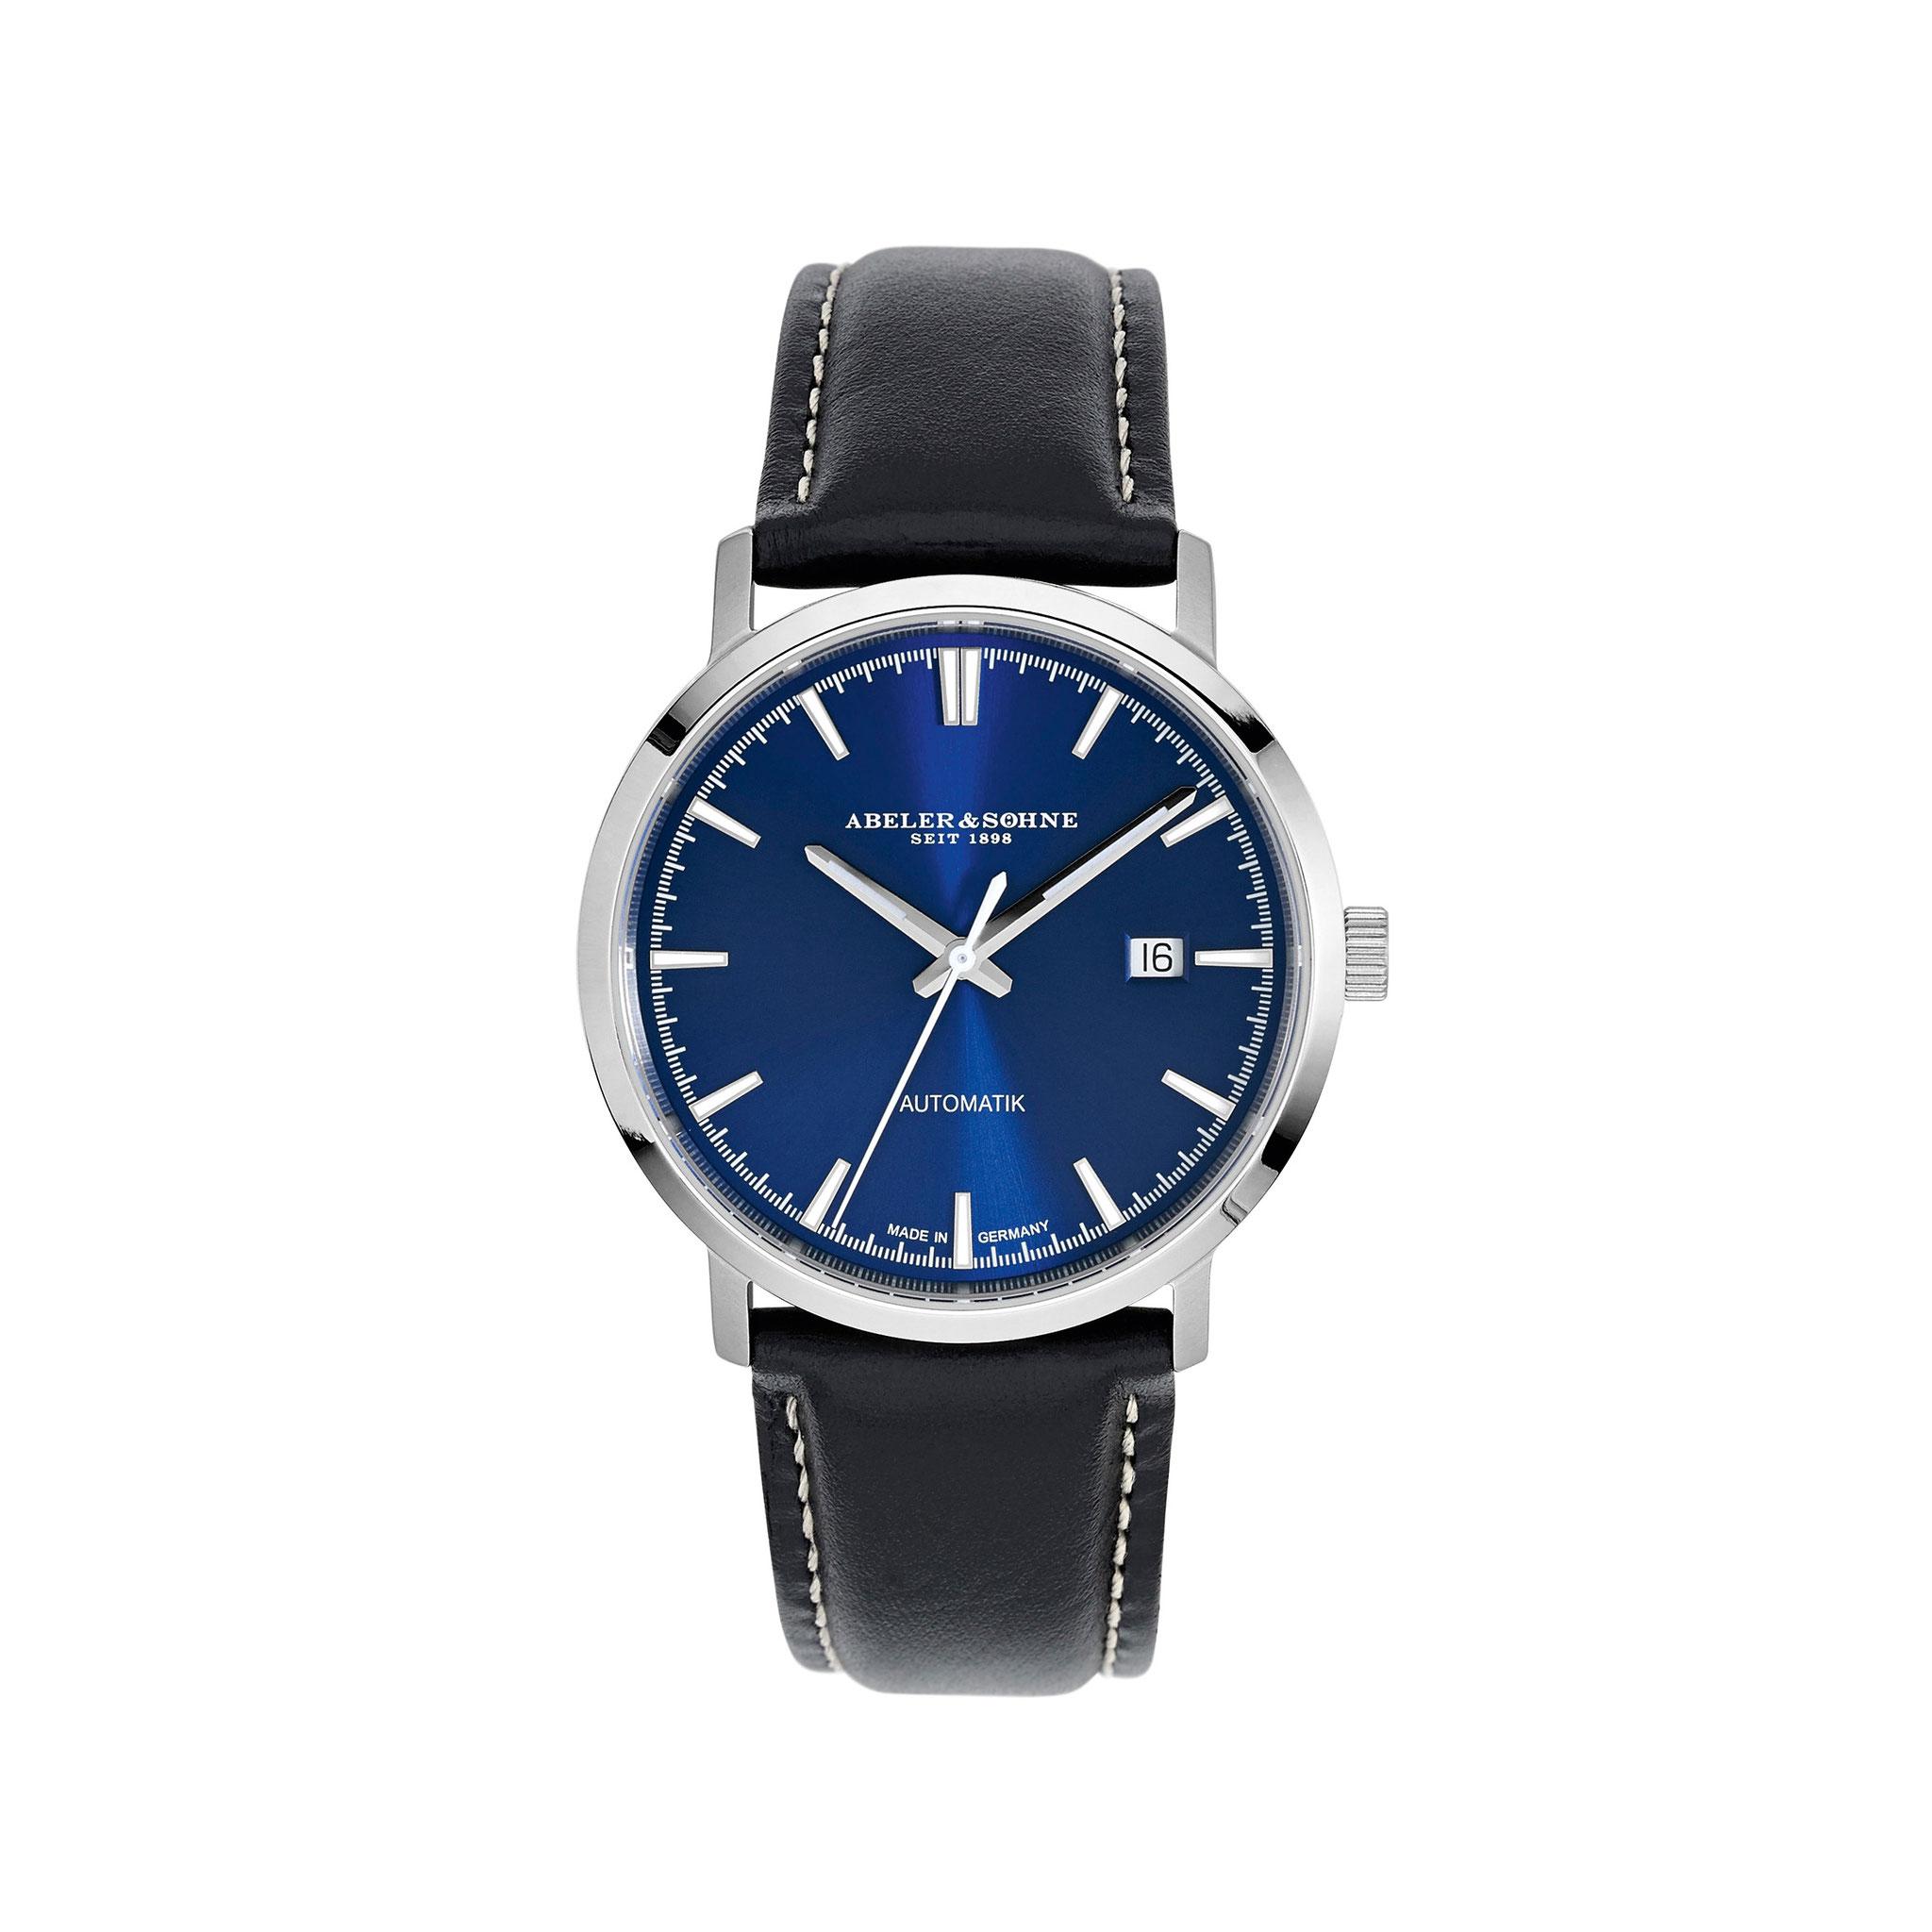 Automatik-Uhr: 1480, Preis: 504,00€